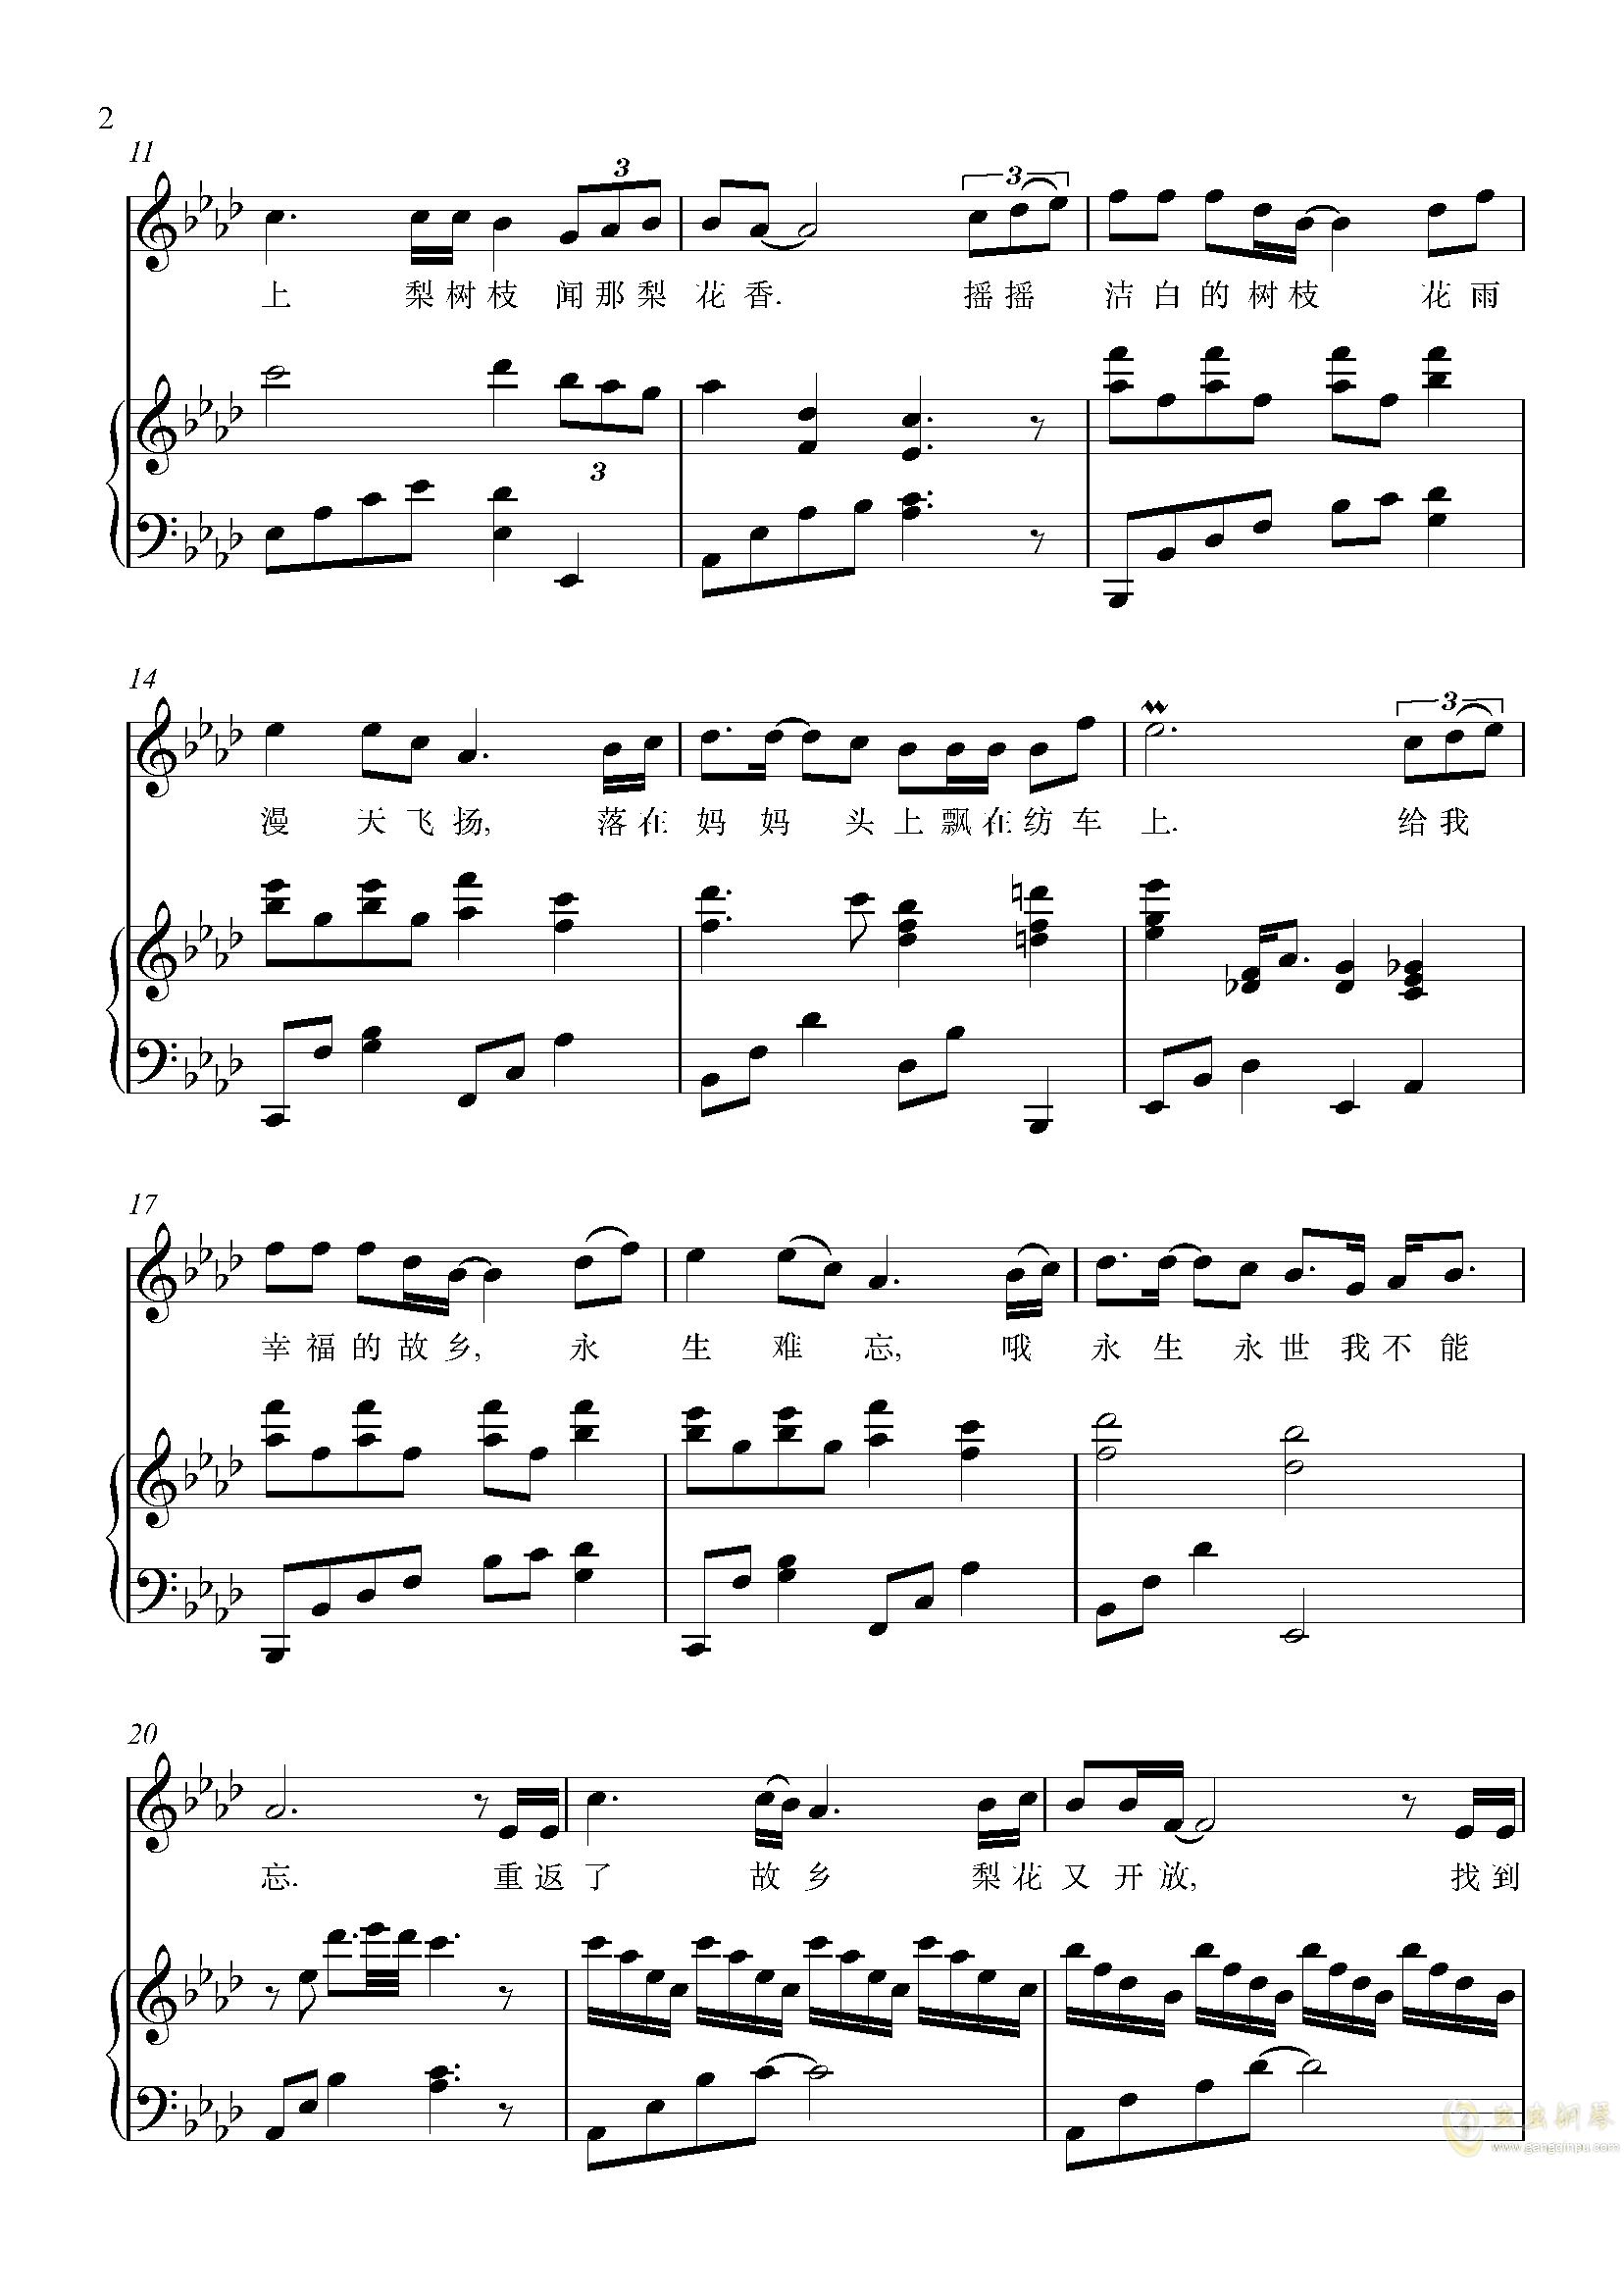 梨花又开放钢琴谱 第2页